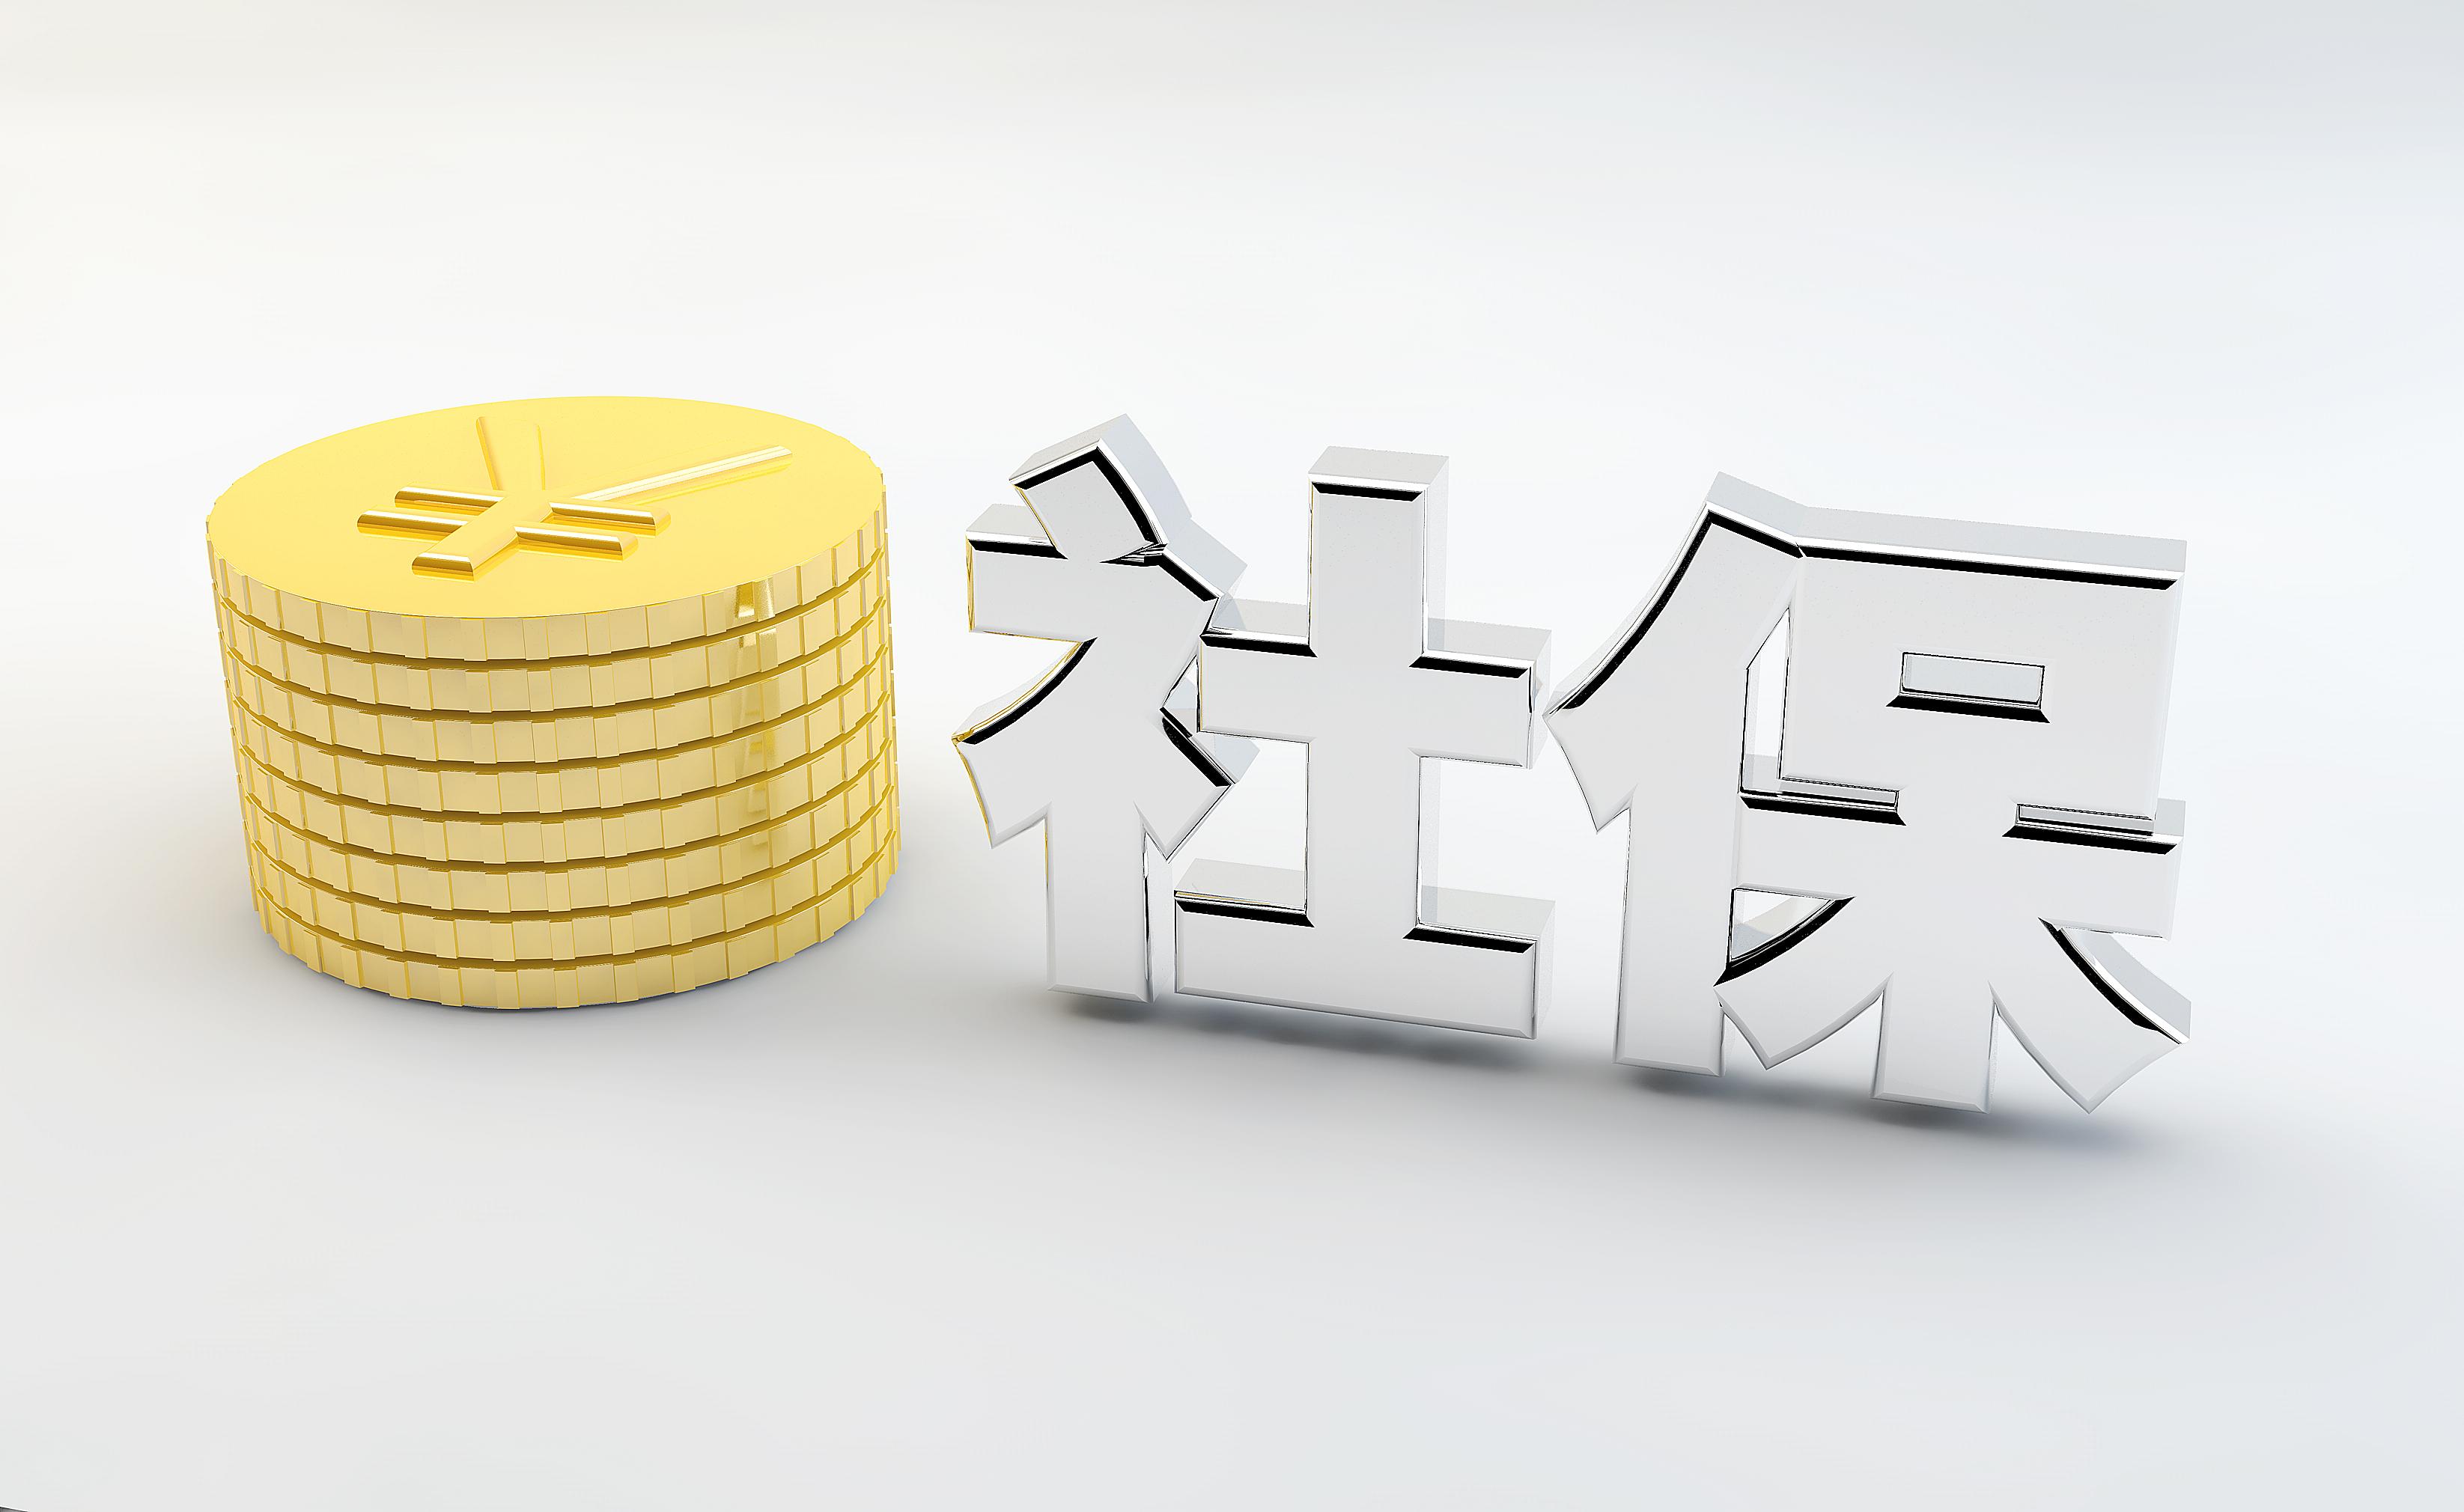 上海保险从业者辞职断缴社保之后,怎么办理个人社保?